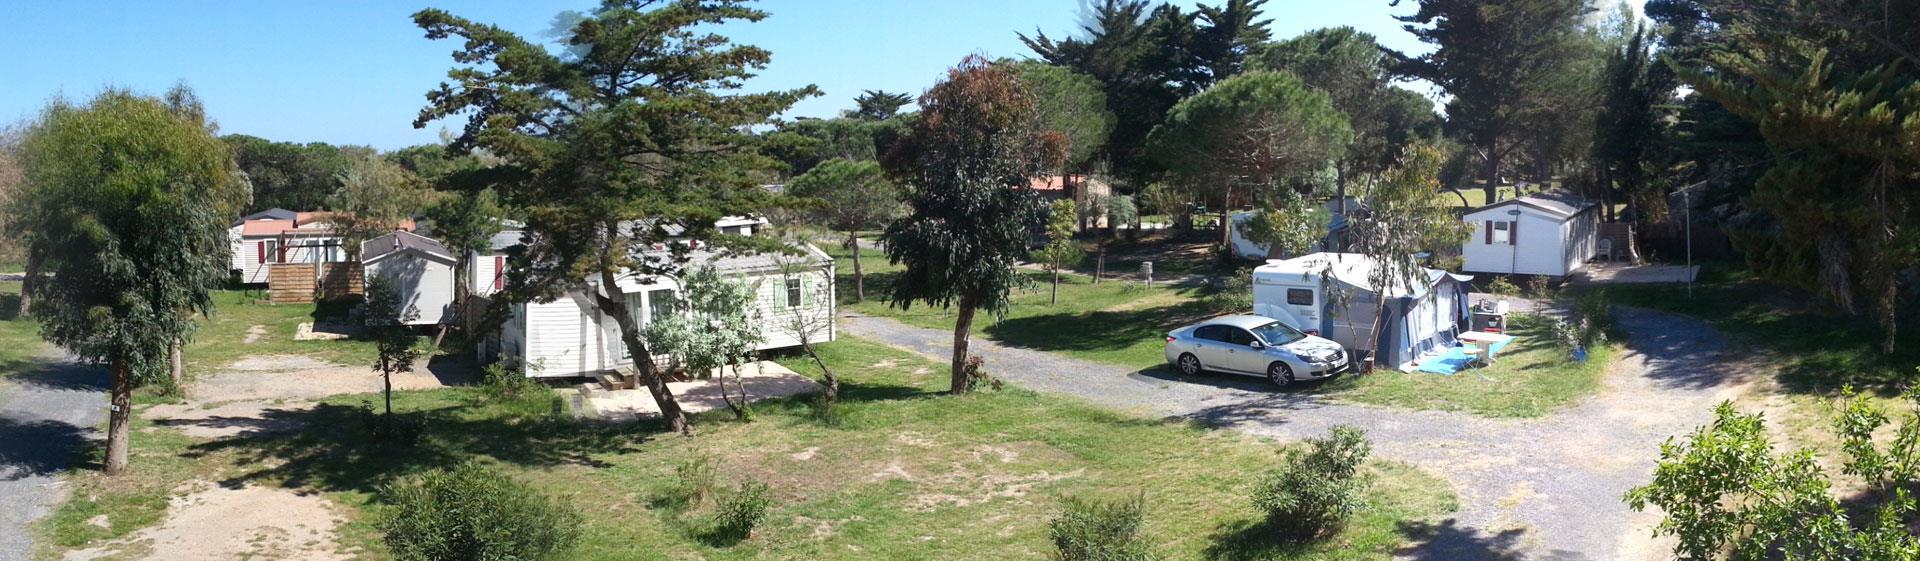 Les locations du camping cap du roc port la nouvelle aude - Camping de port la nouvelle ...